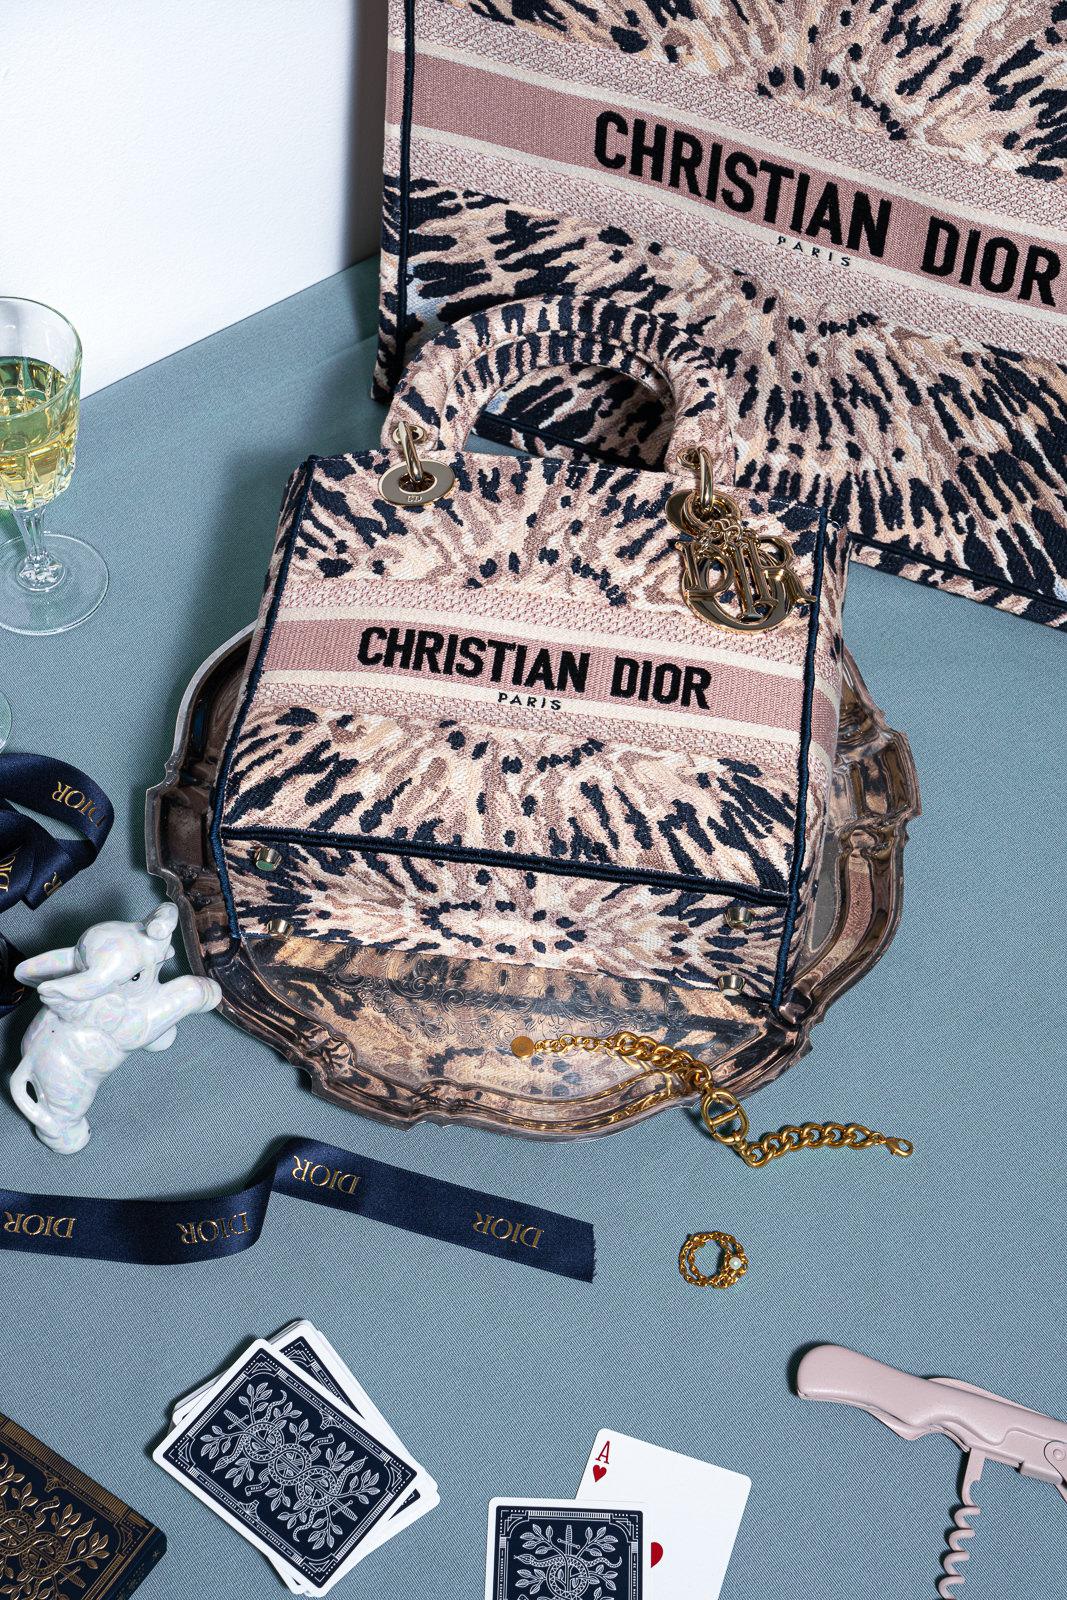 Medium Lady D-Lite Bag in Multicolor Tie & Dior Embroidery